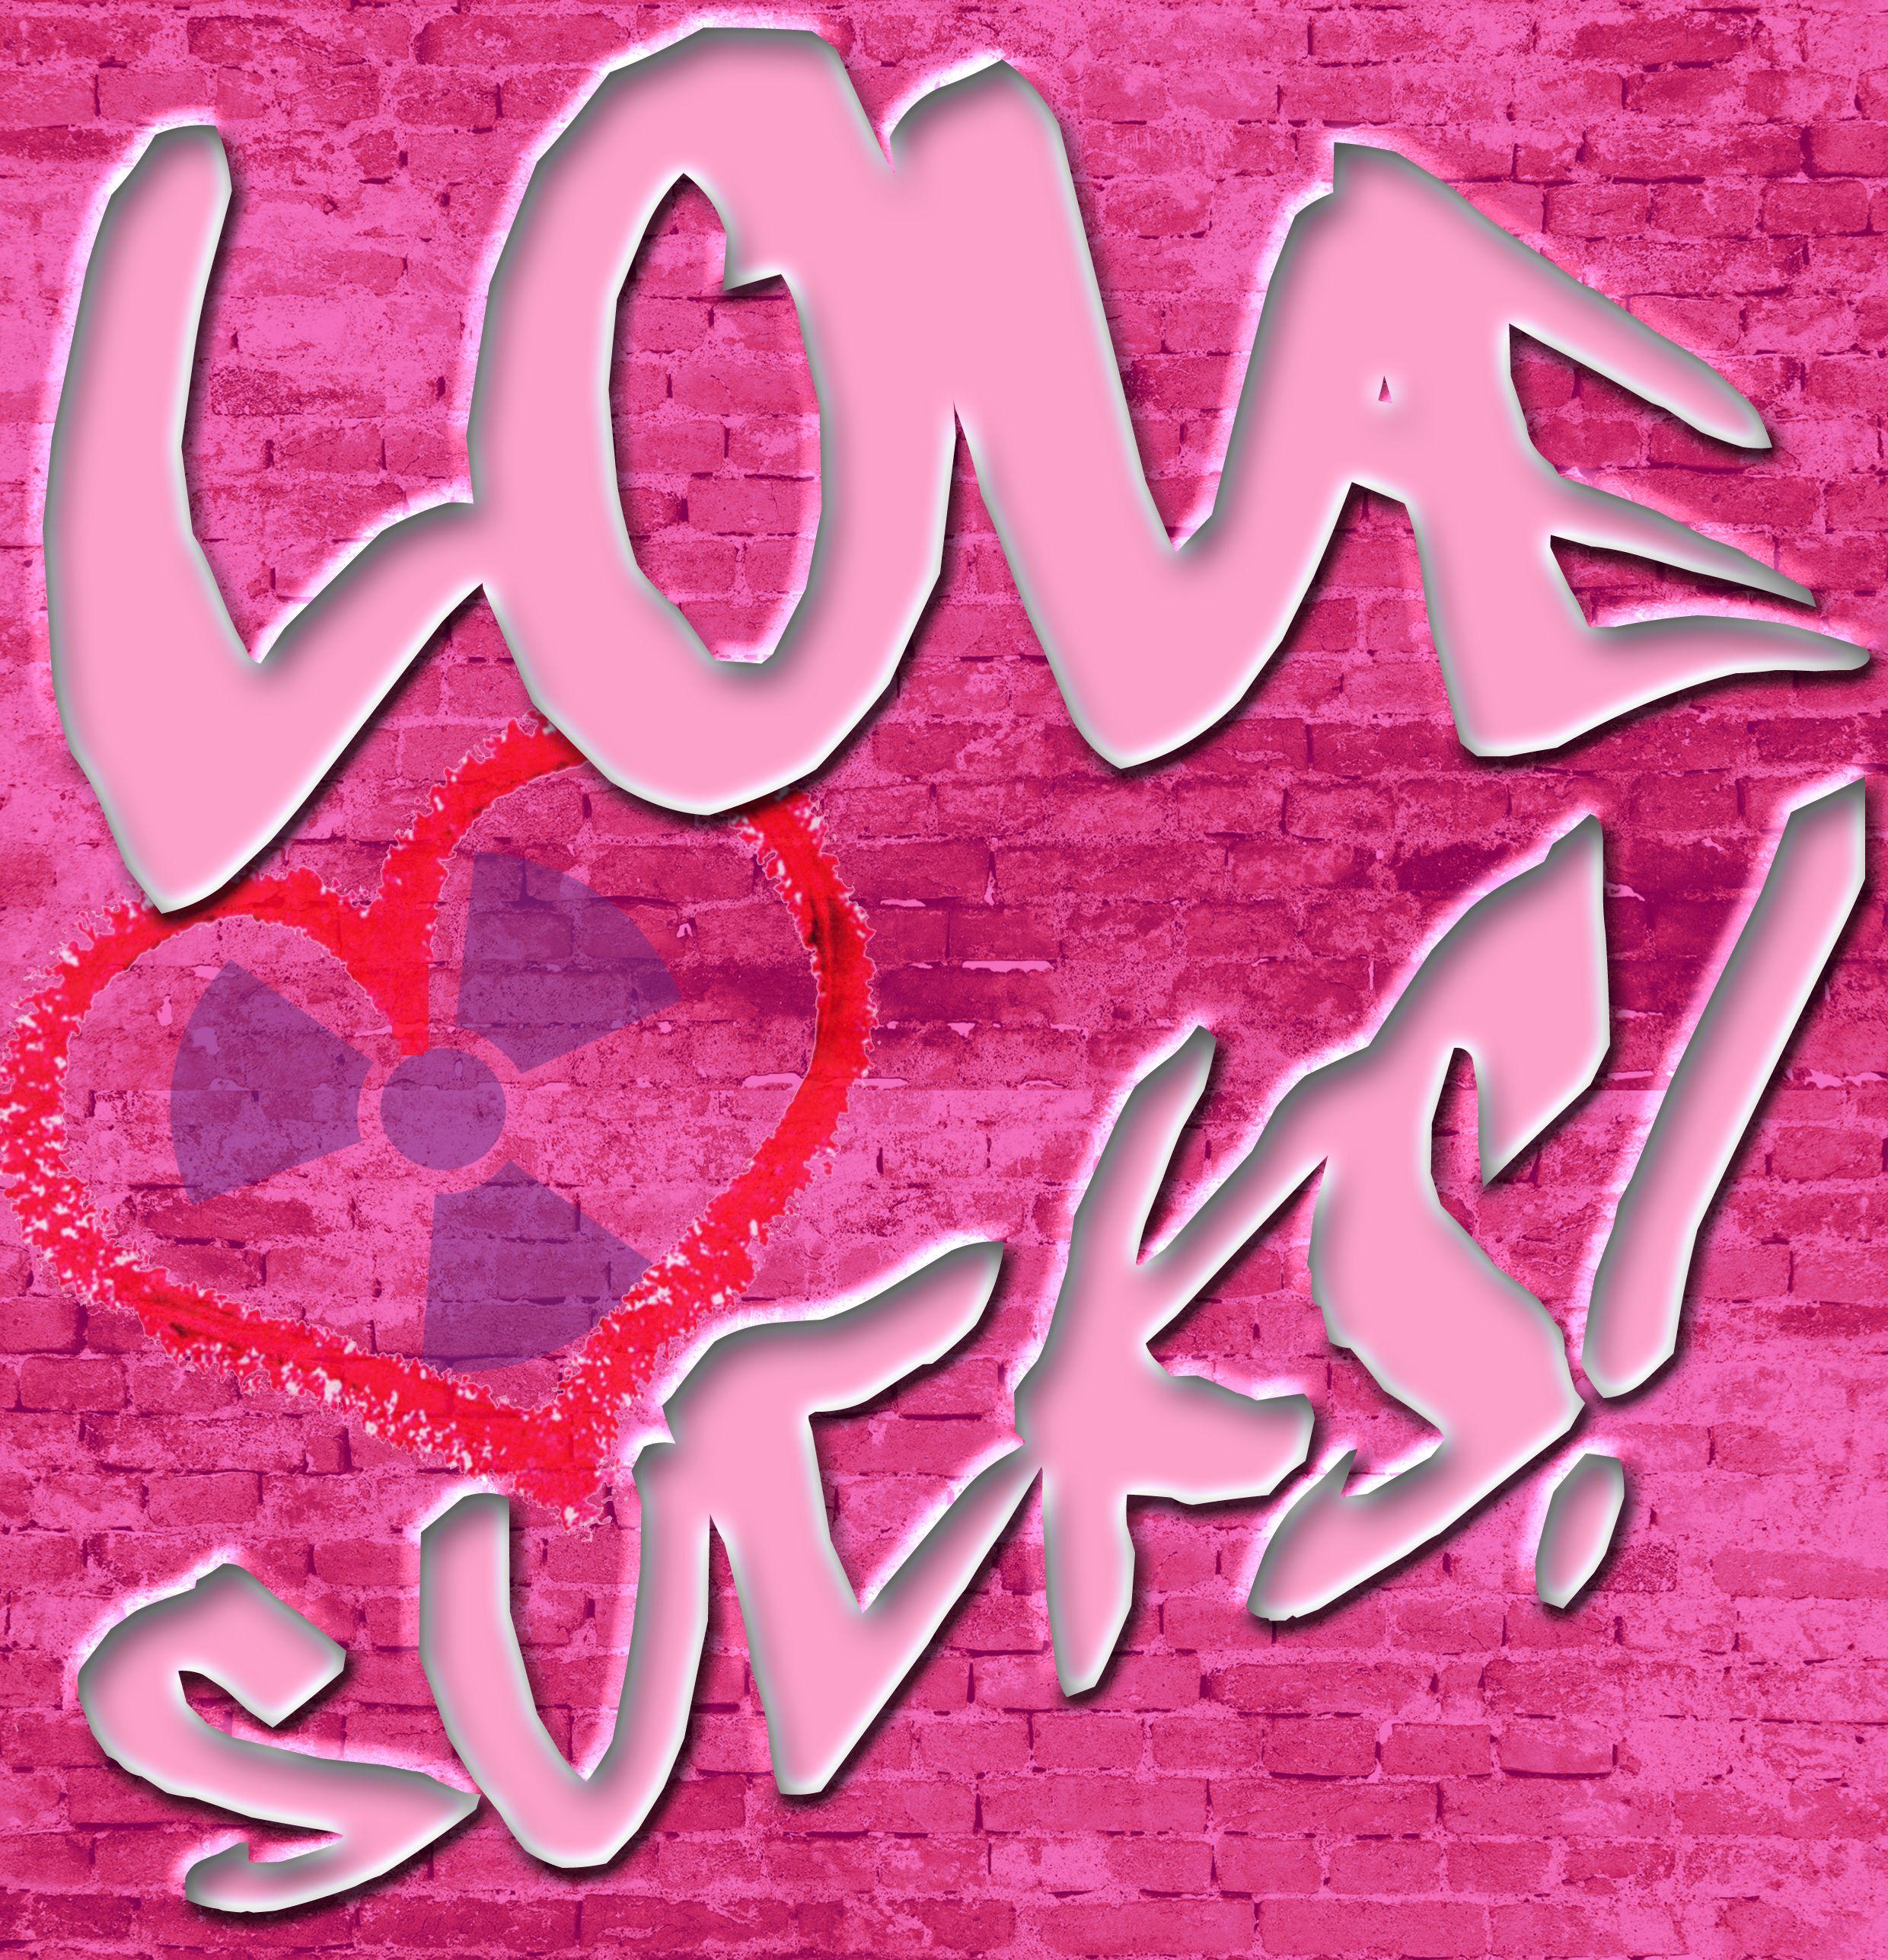 Love Sucks Quotes Love Sucks Quotes Art  Scolded Banana  Pinterest  Art Quote